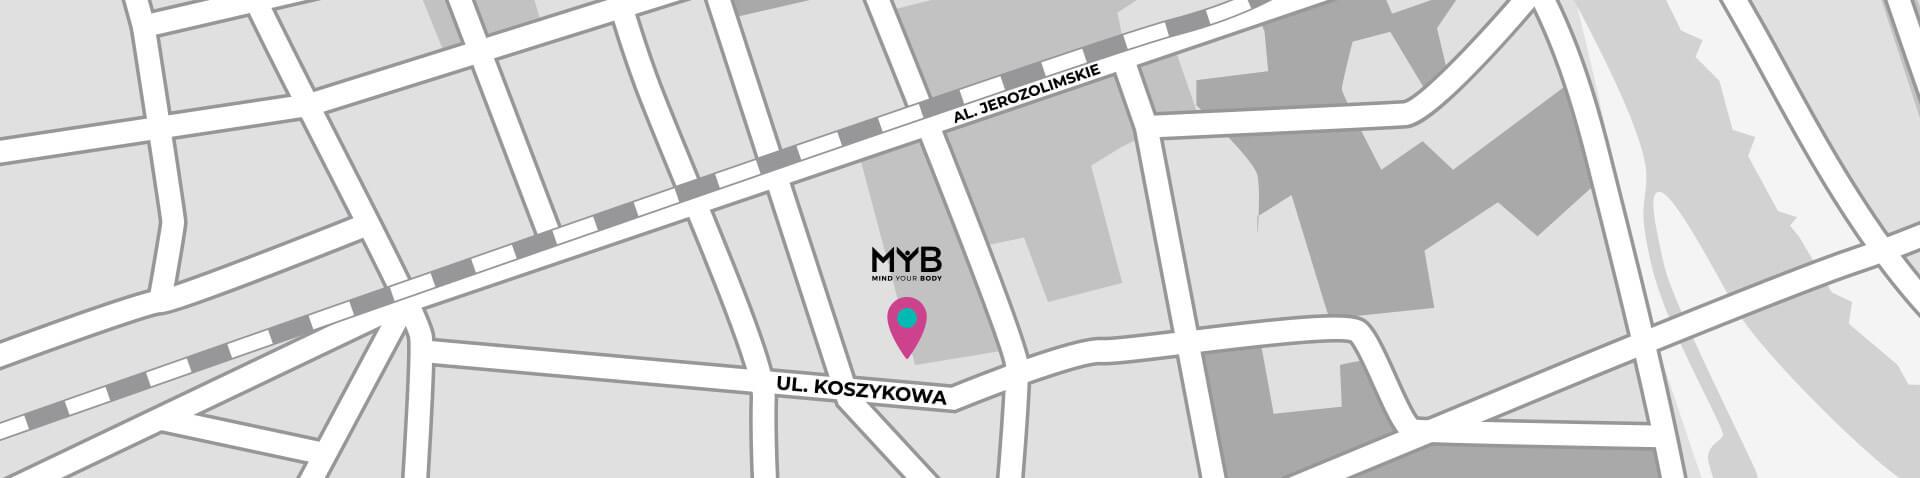 MYB_Studio-Koszyki_Mapa_Wwa